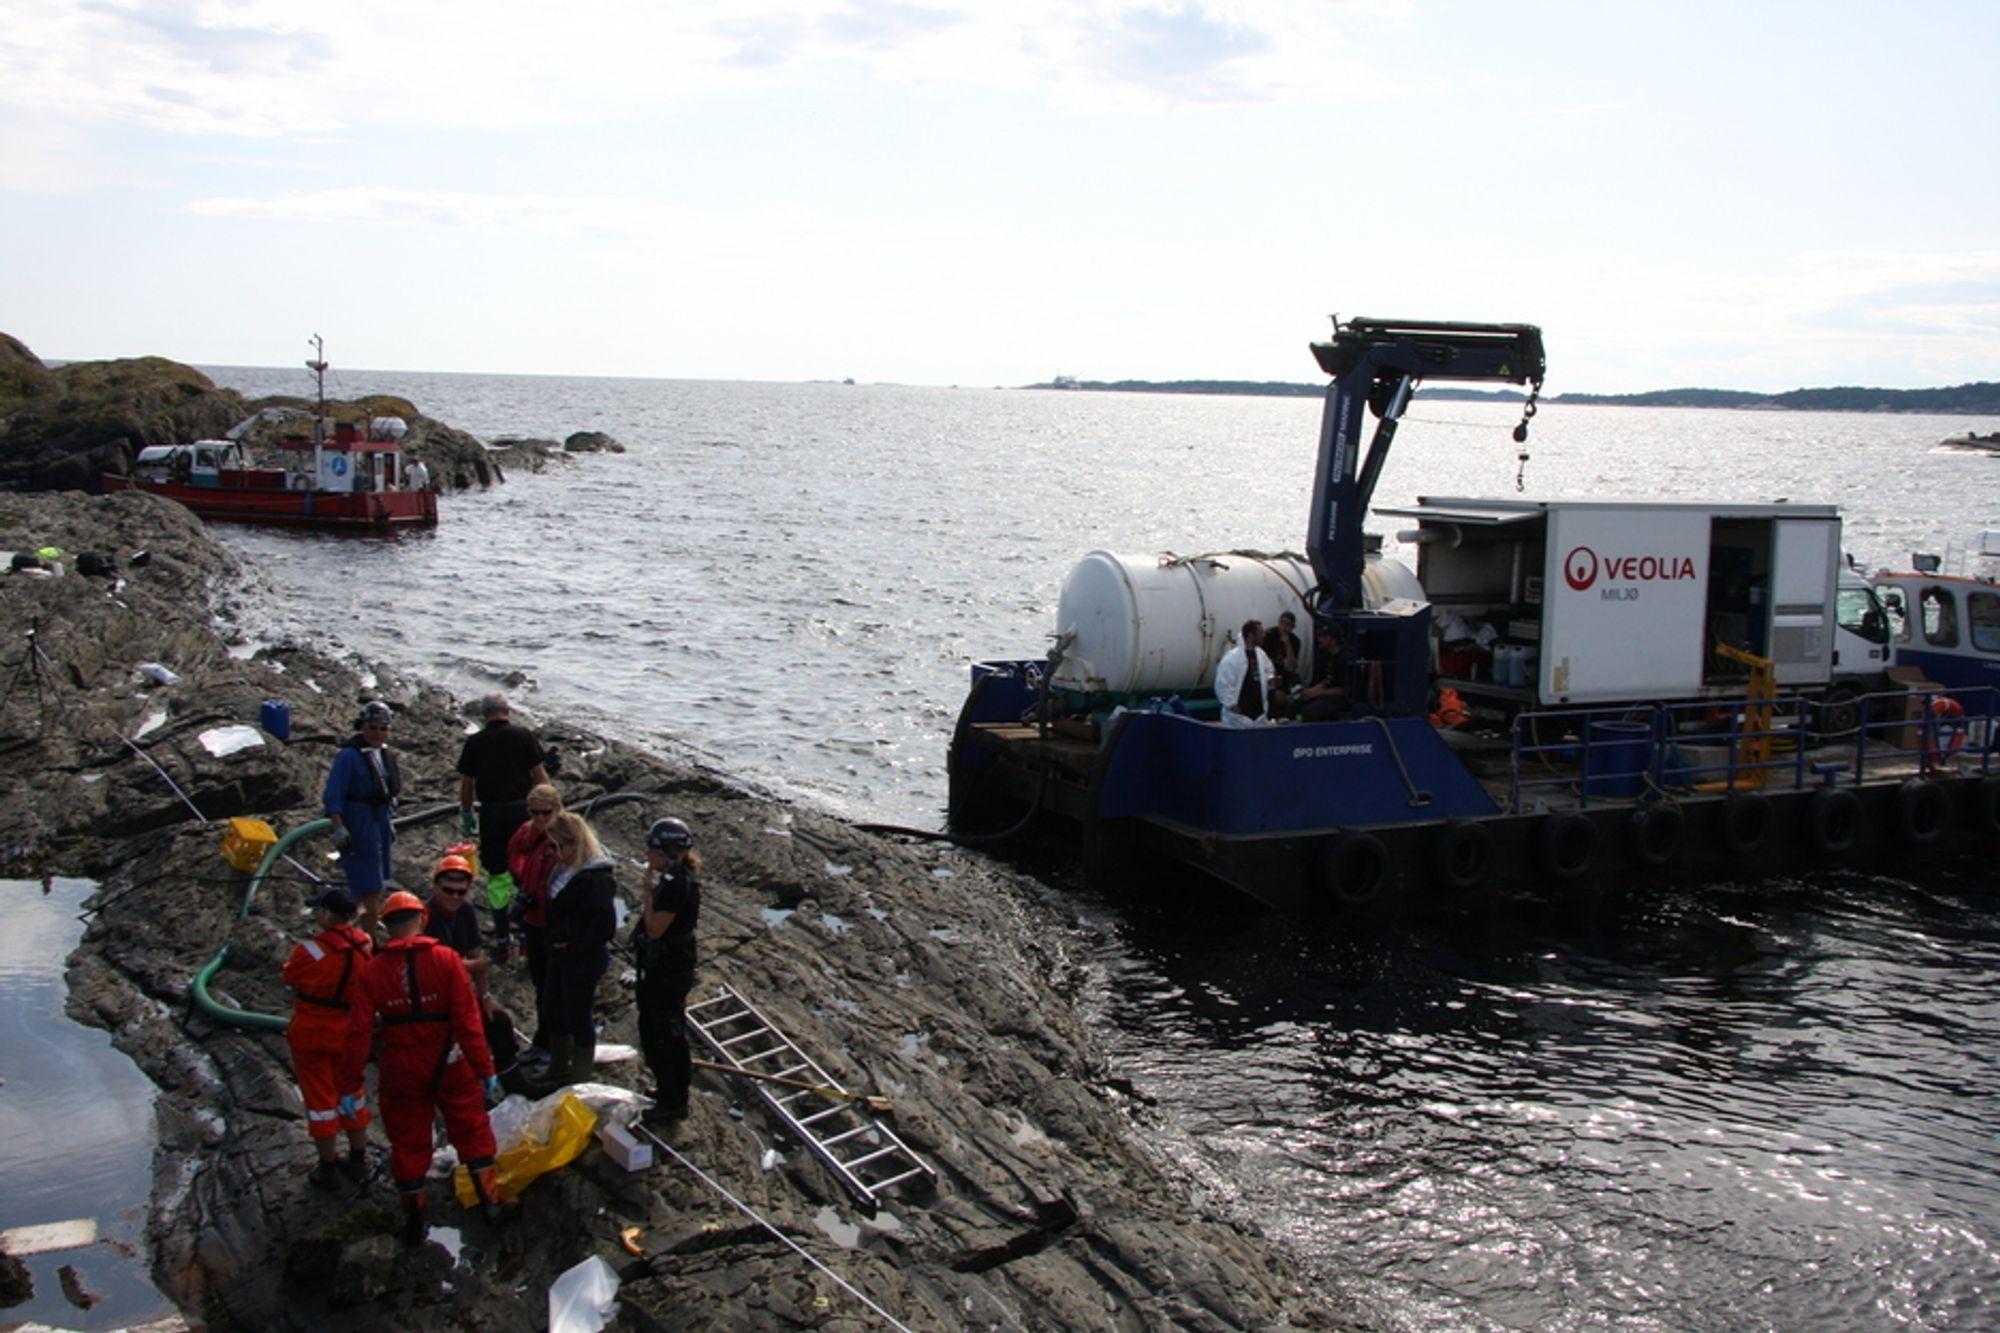 FORSØK: Sintef, SFT og Kystverket har forsøkt flere rensemetoder for å fjerne oljesøl. Nå tilbyr NTNU eget masterskurs som skal øke kunnskapen.